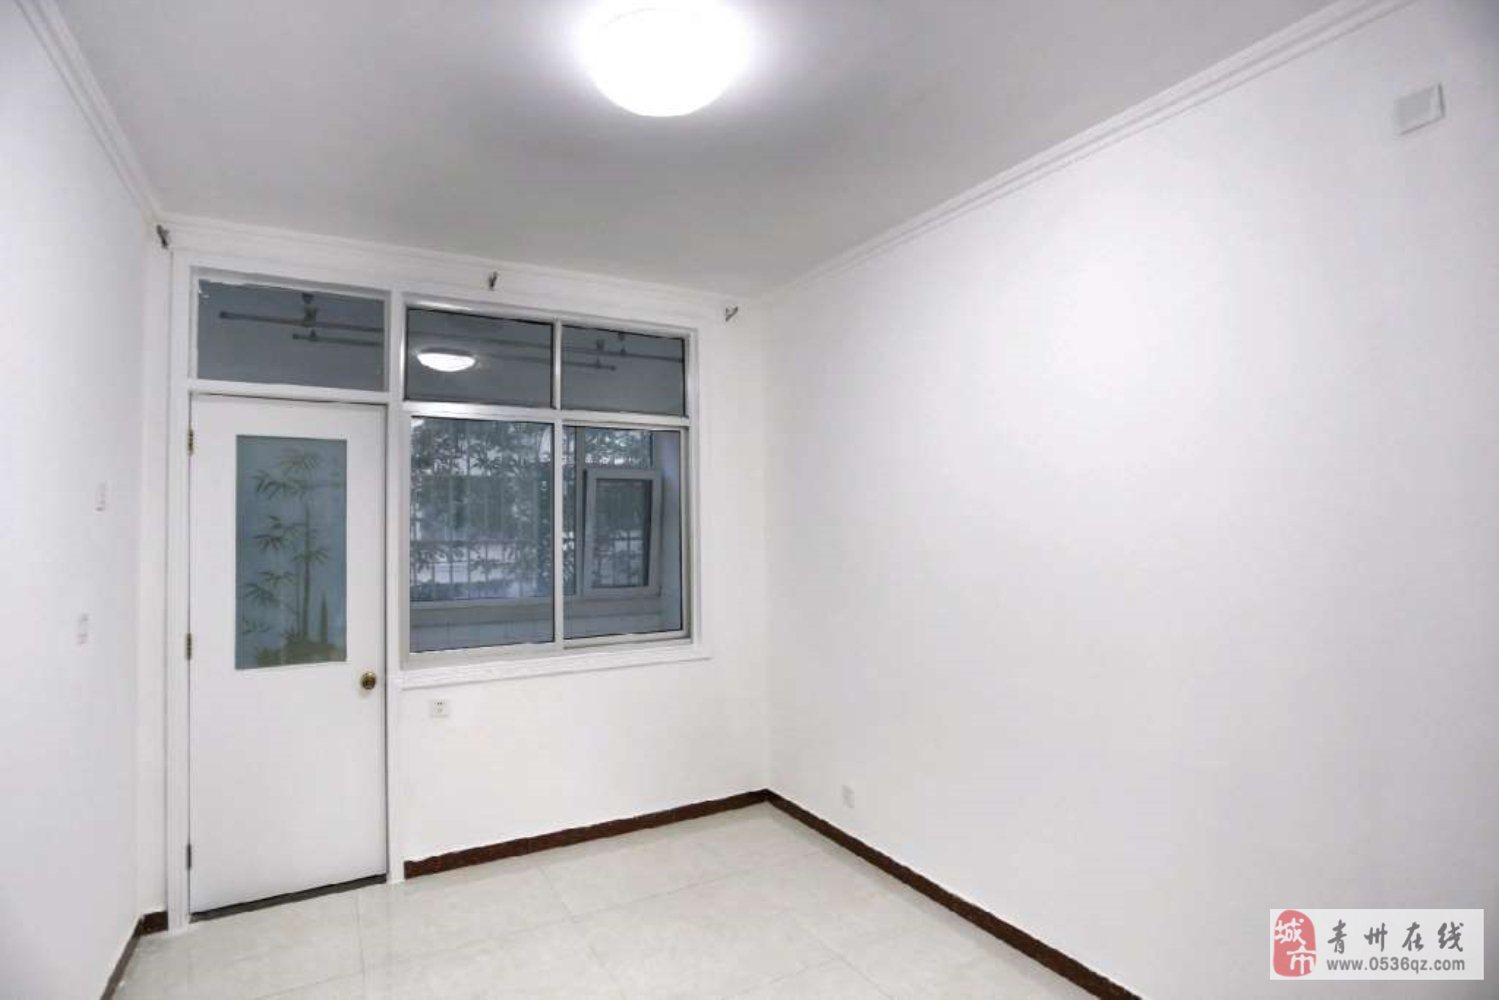 将军山小区2室2厅1卫72万精装带储藏室